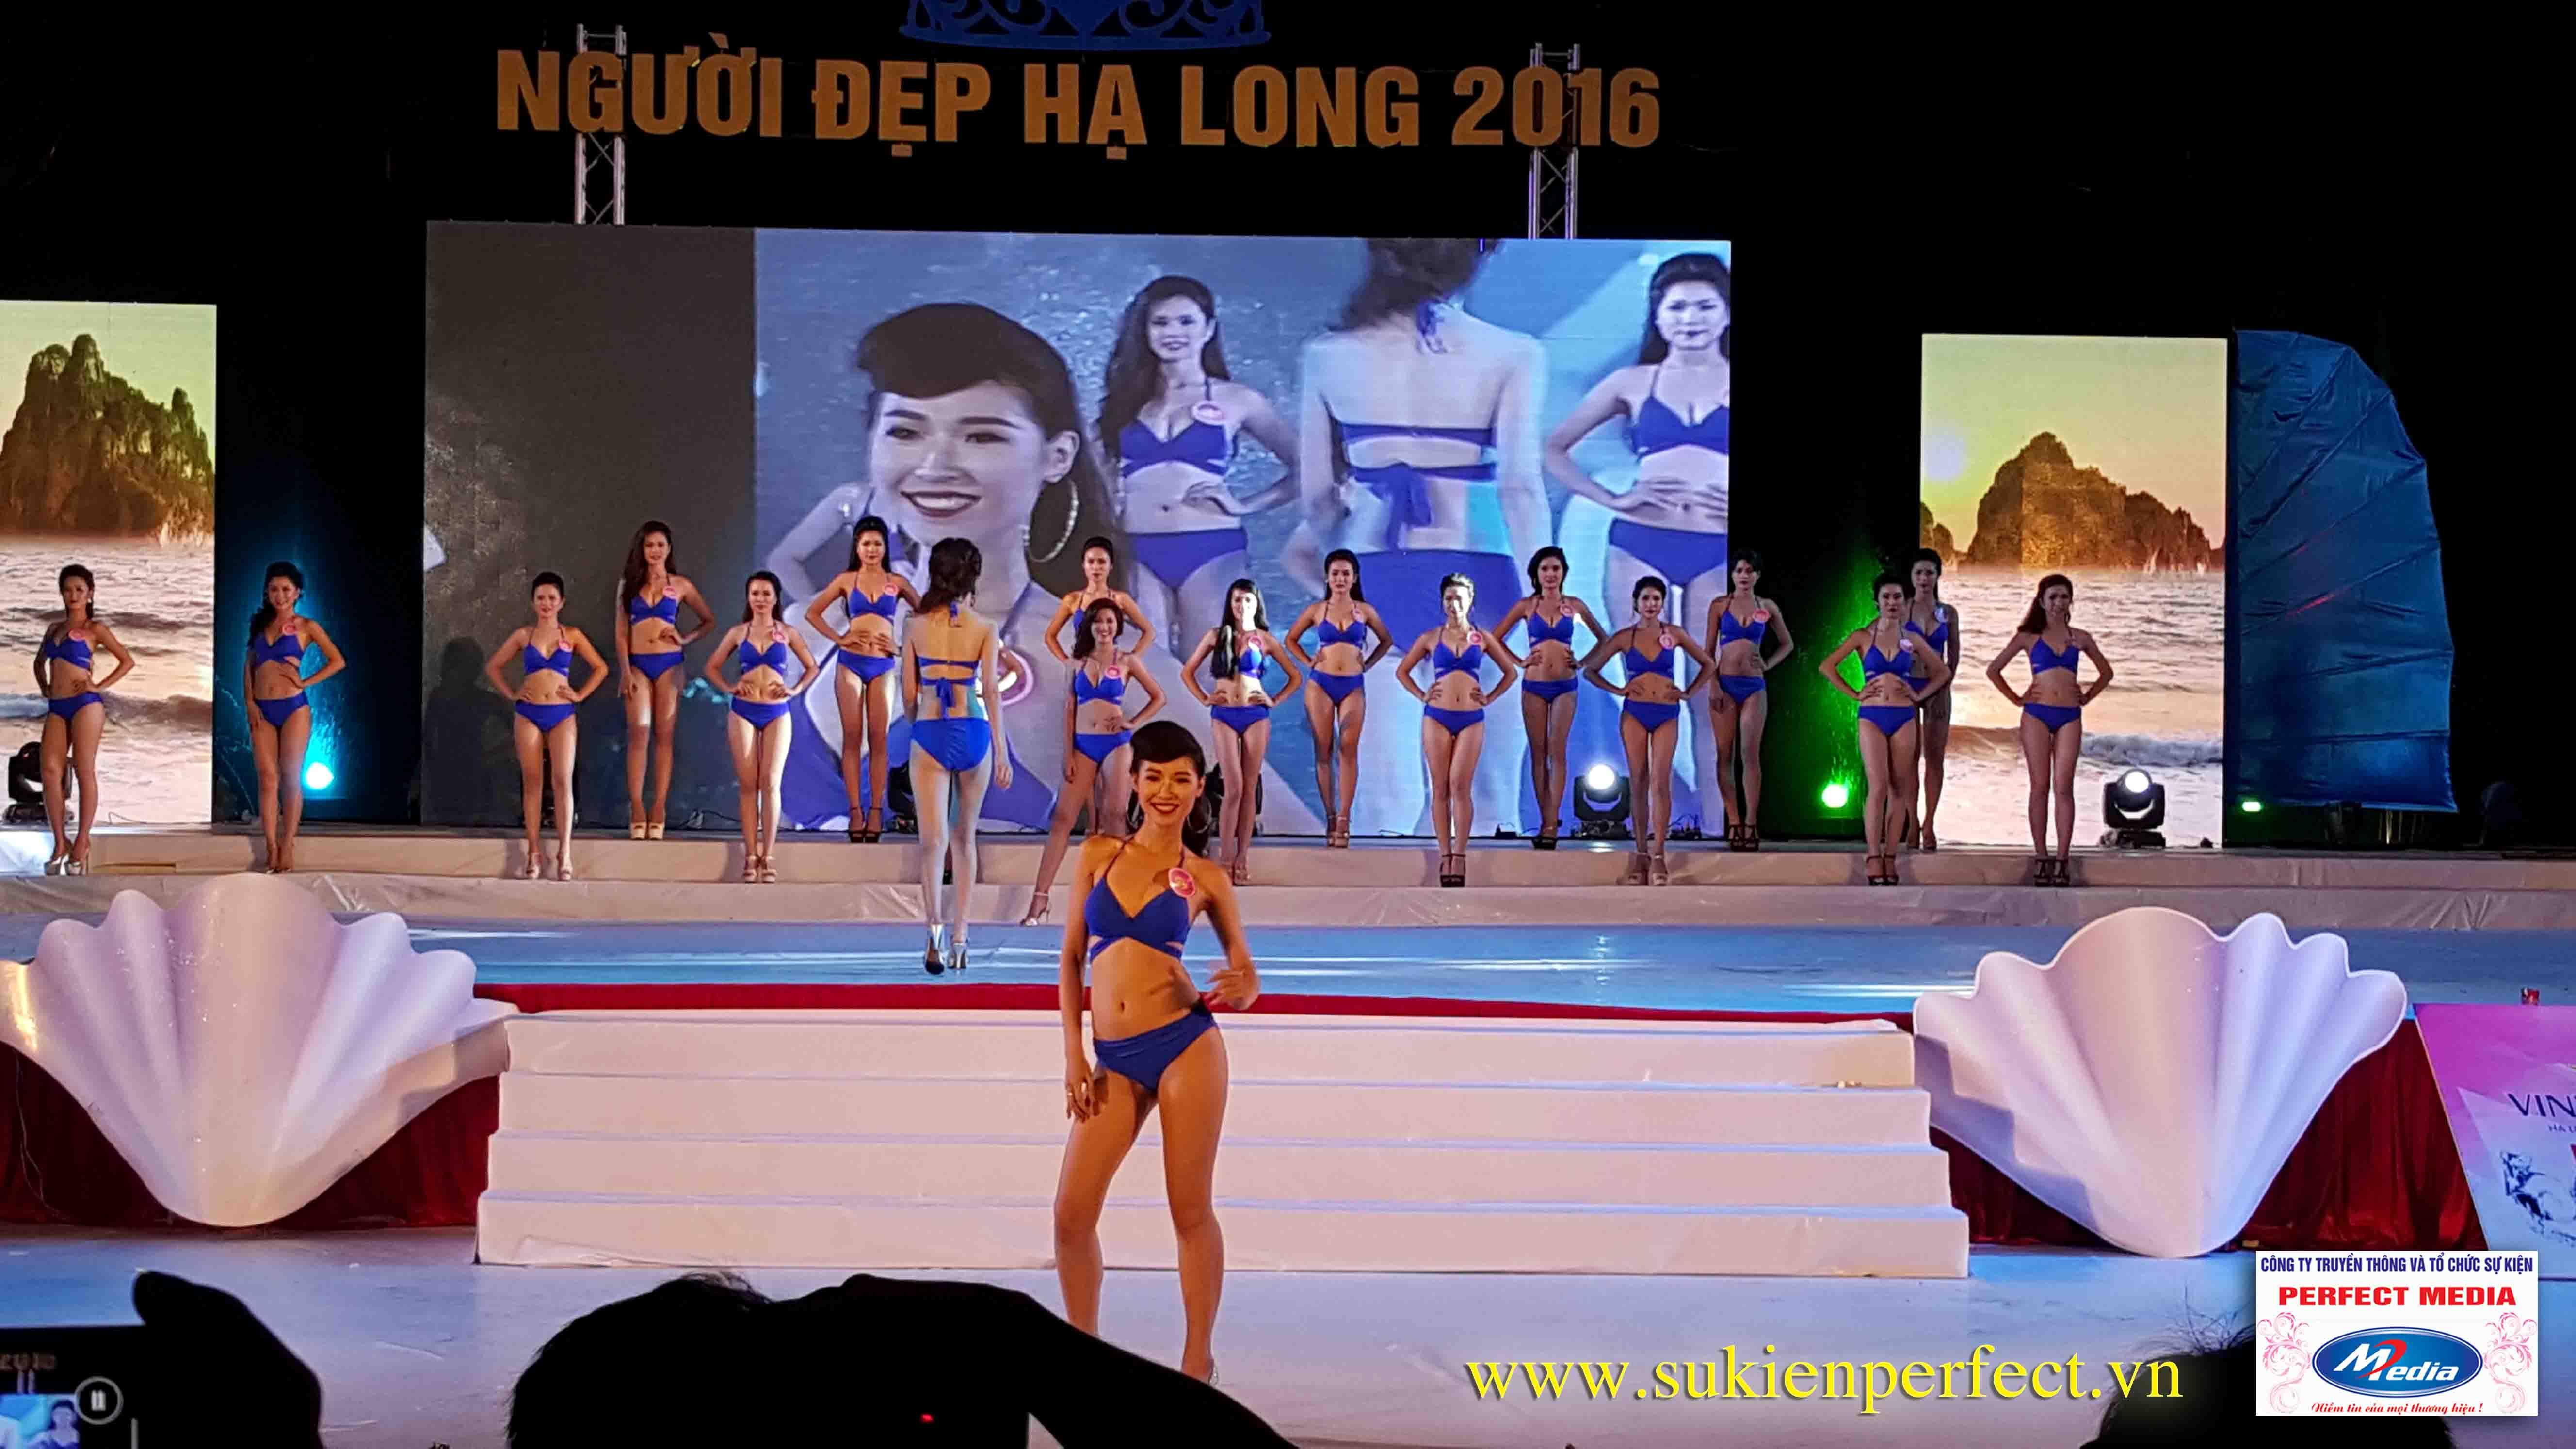 Hình ảnh các người đẹp trong chương trình Người đẹp Hạ Long 2016 – Bikini 10